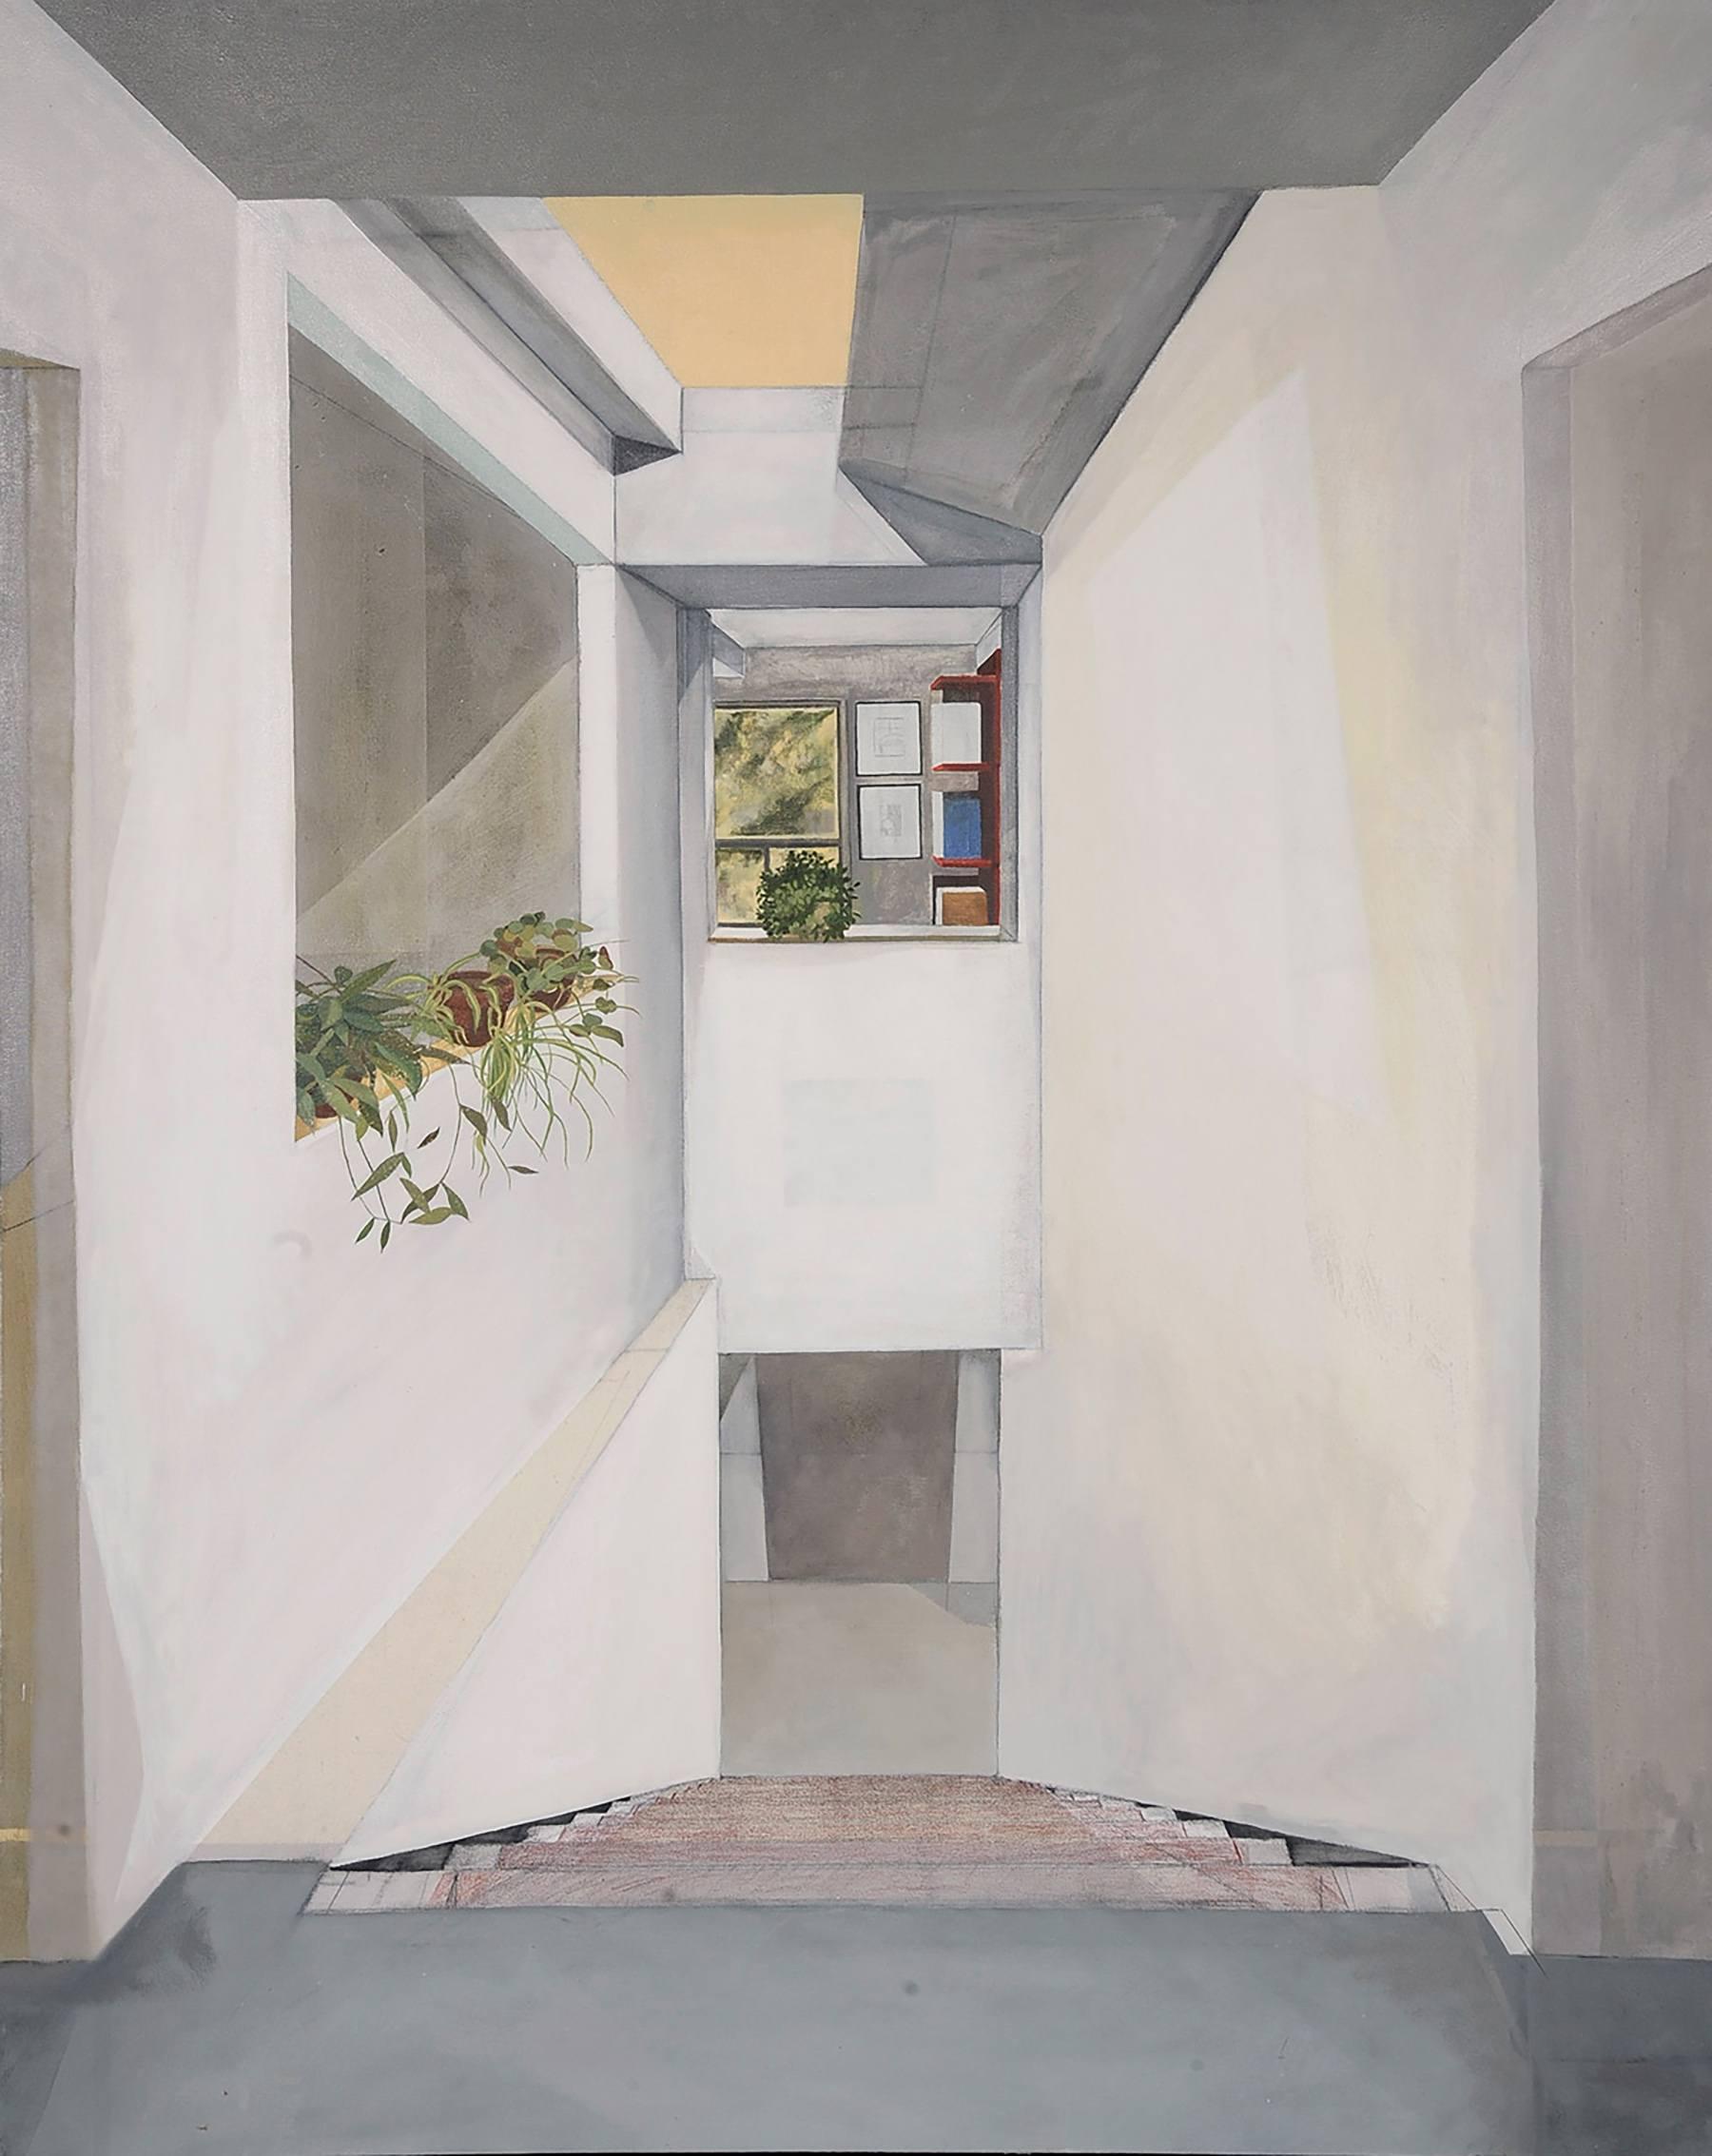 IGNANT-Art-Stefan-Berg-006